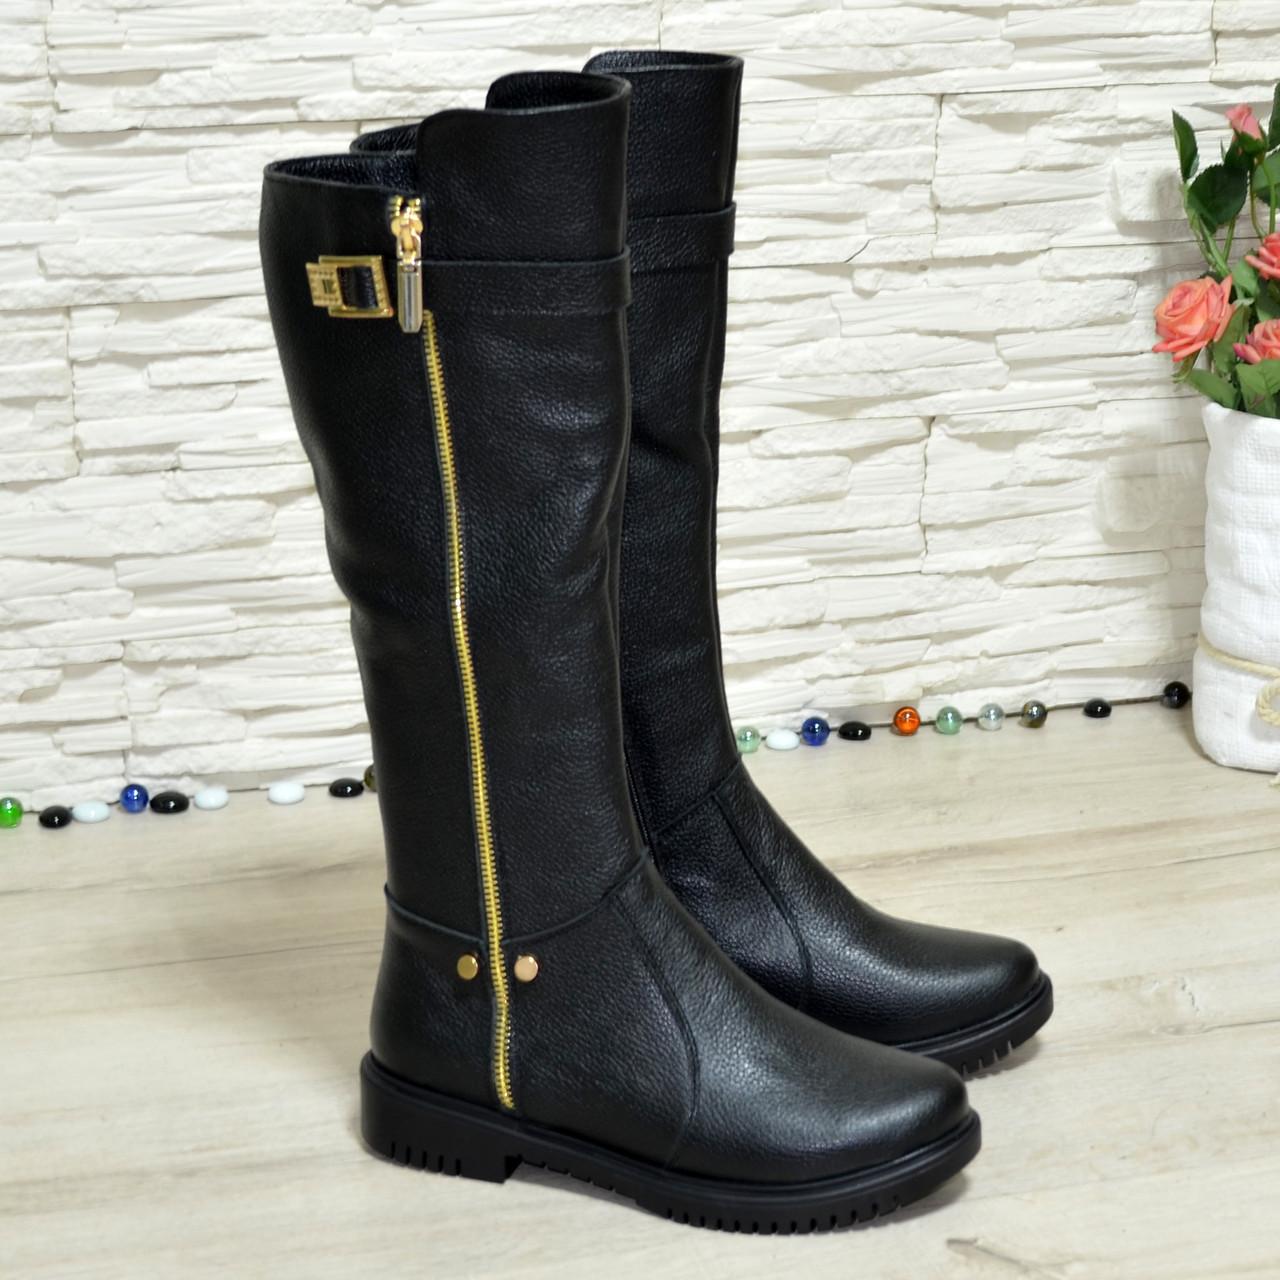 Сапоги зимние кожаные женские на невысоком каблуке